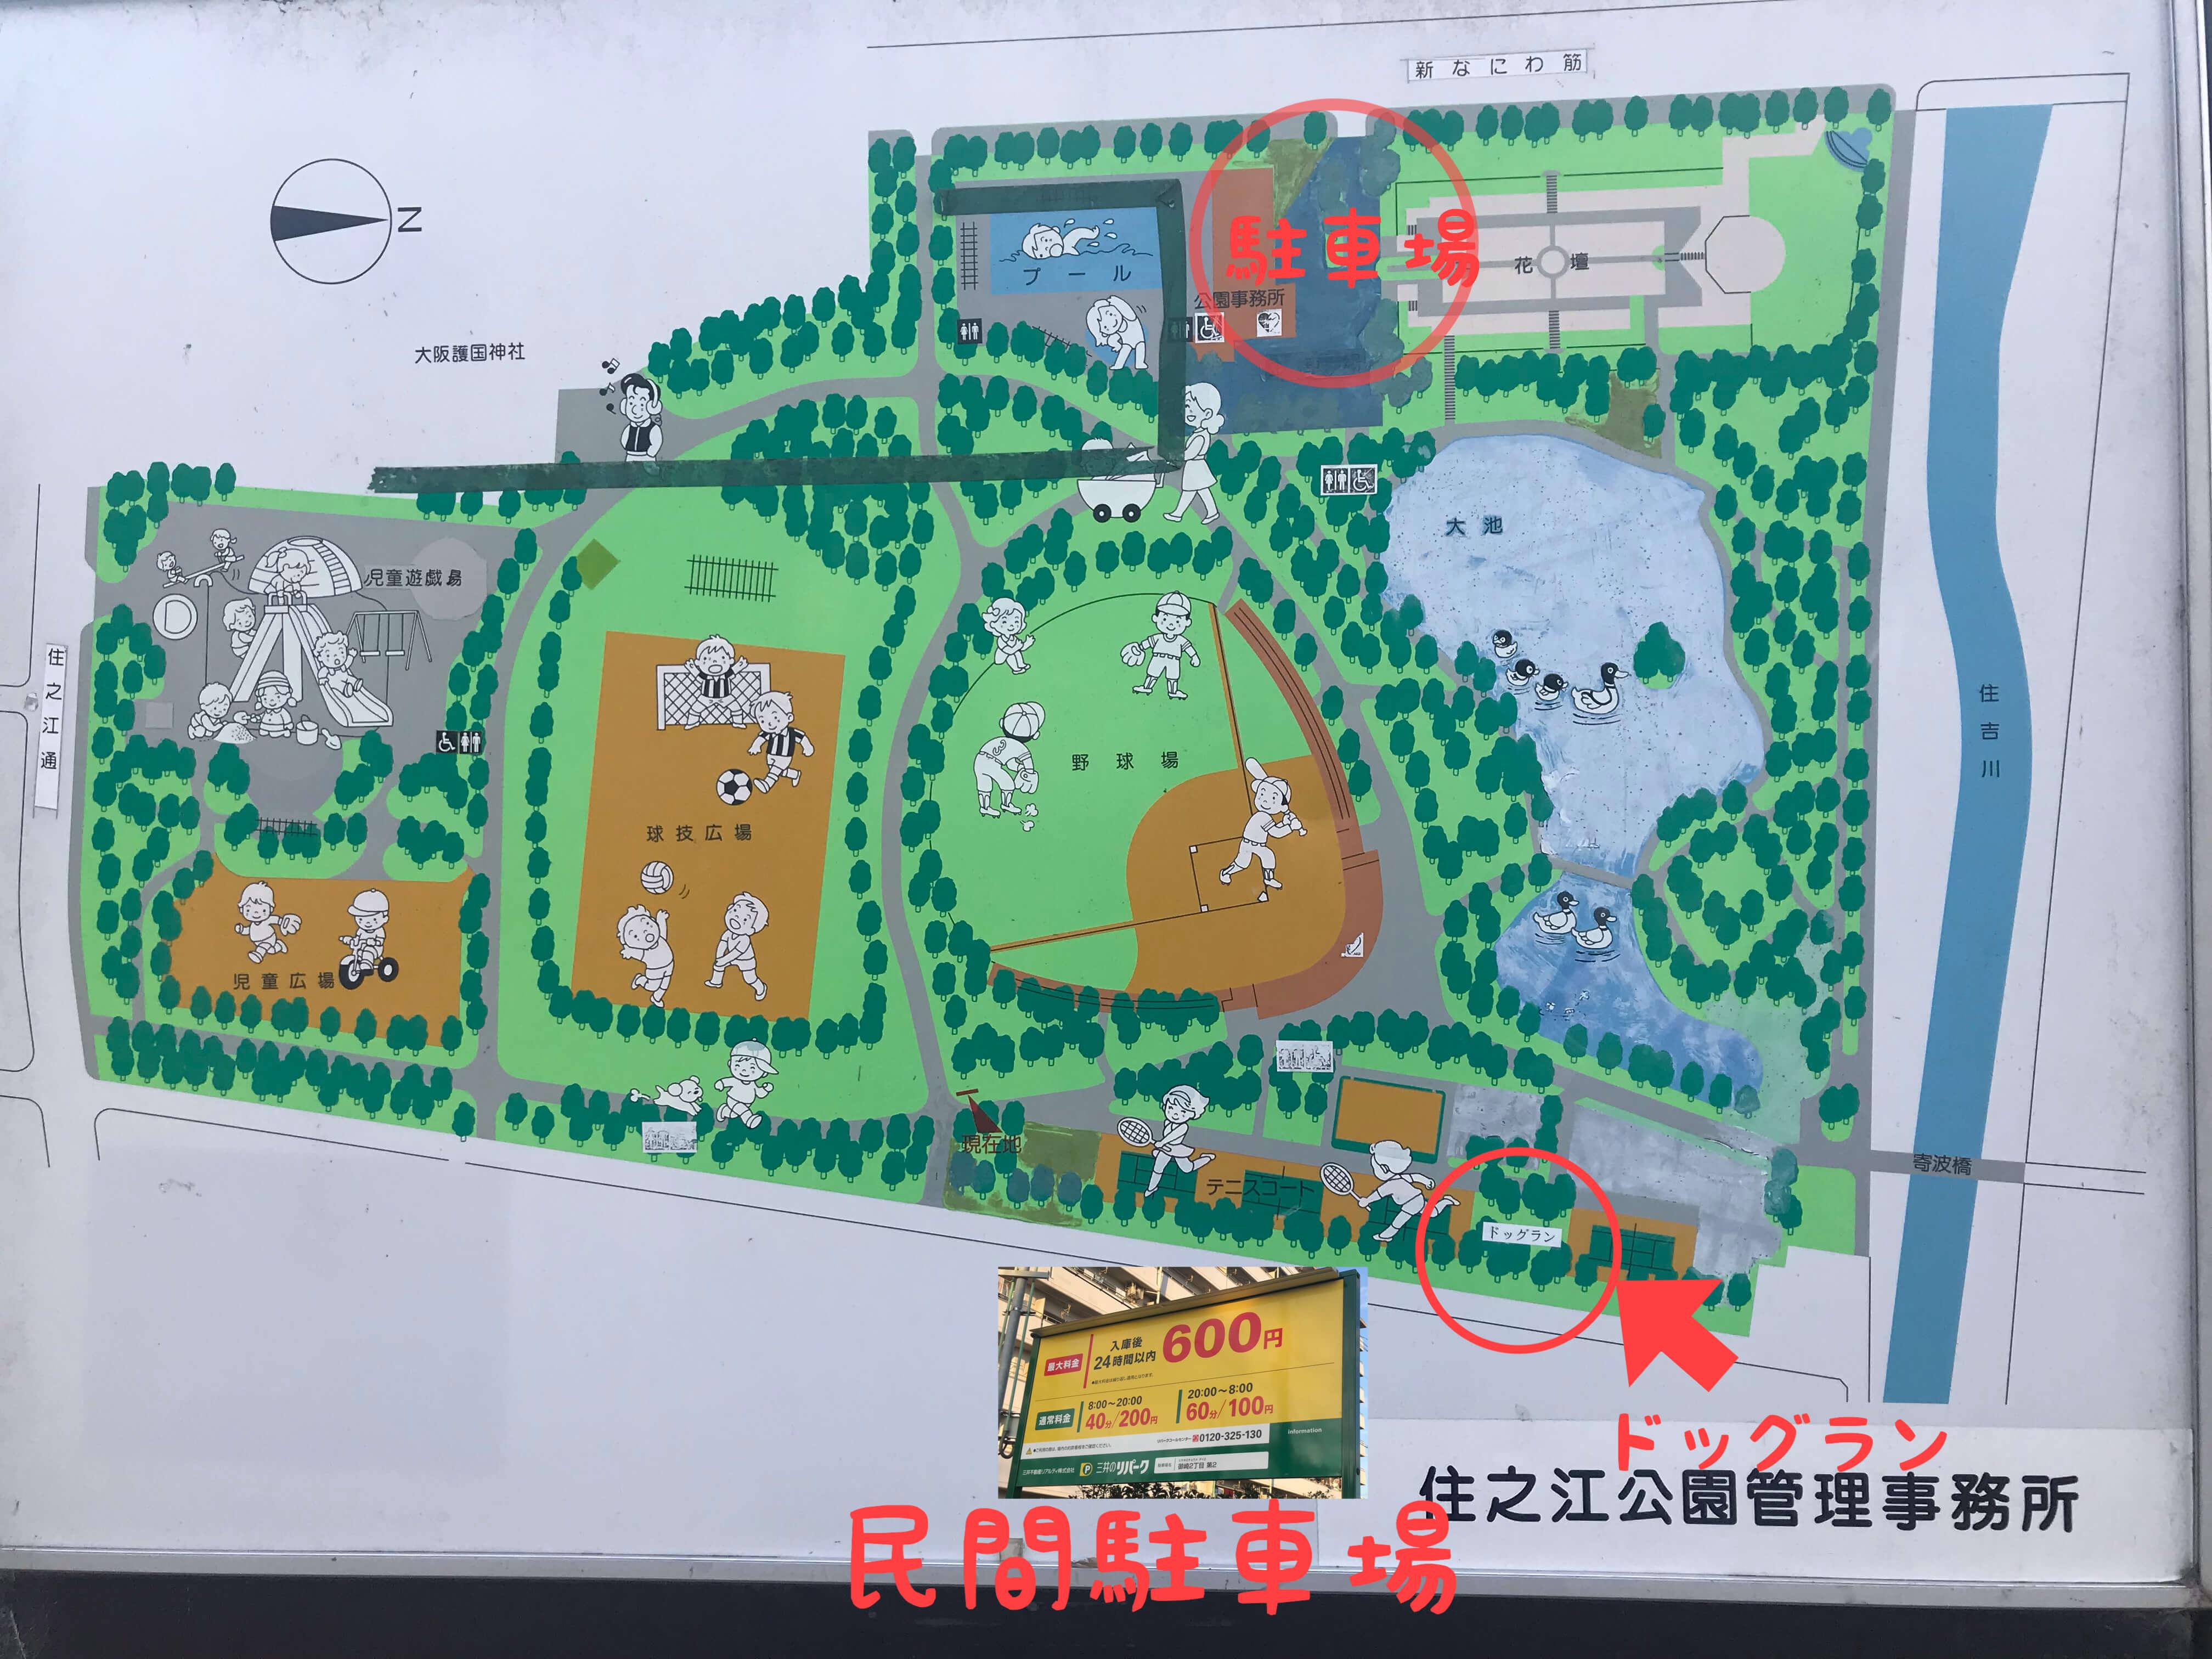 住之江公園駐車場